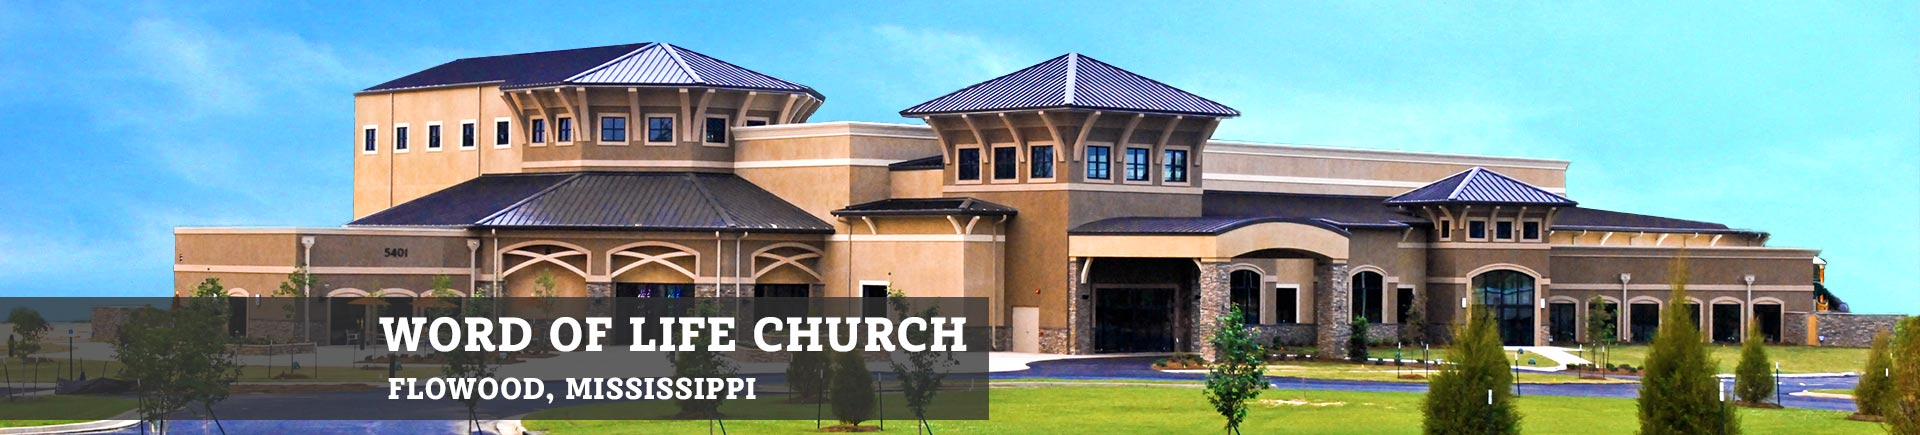 Churches by Daniels - Church Design & Construction